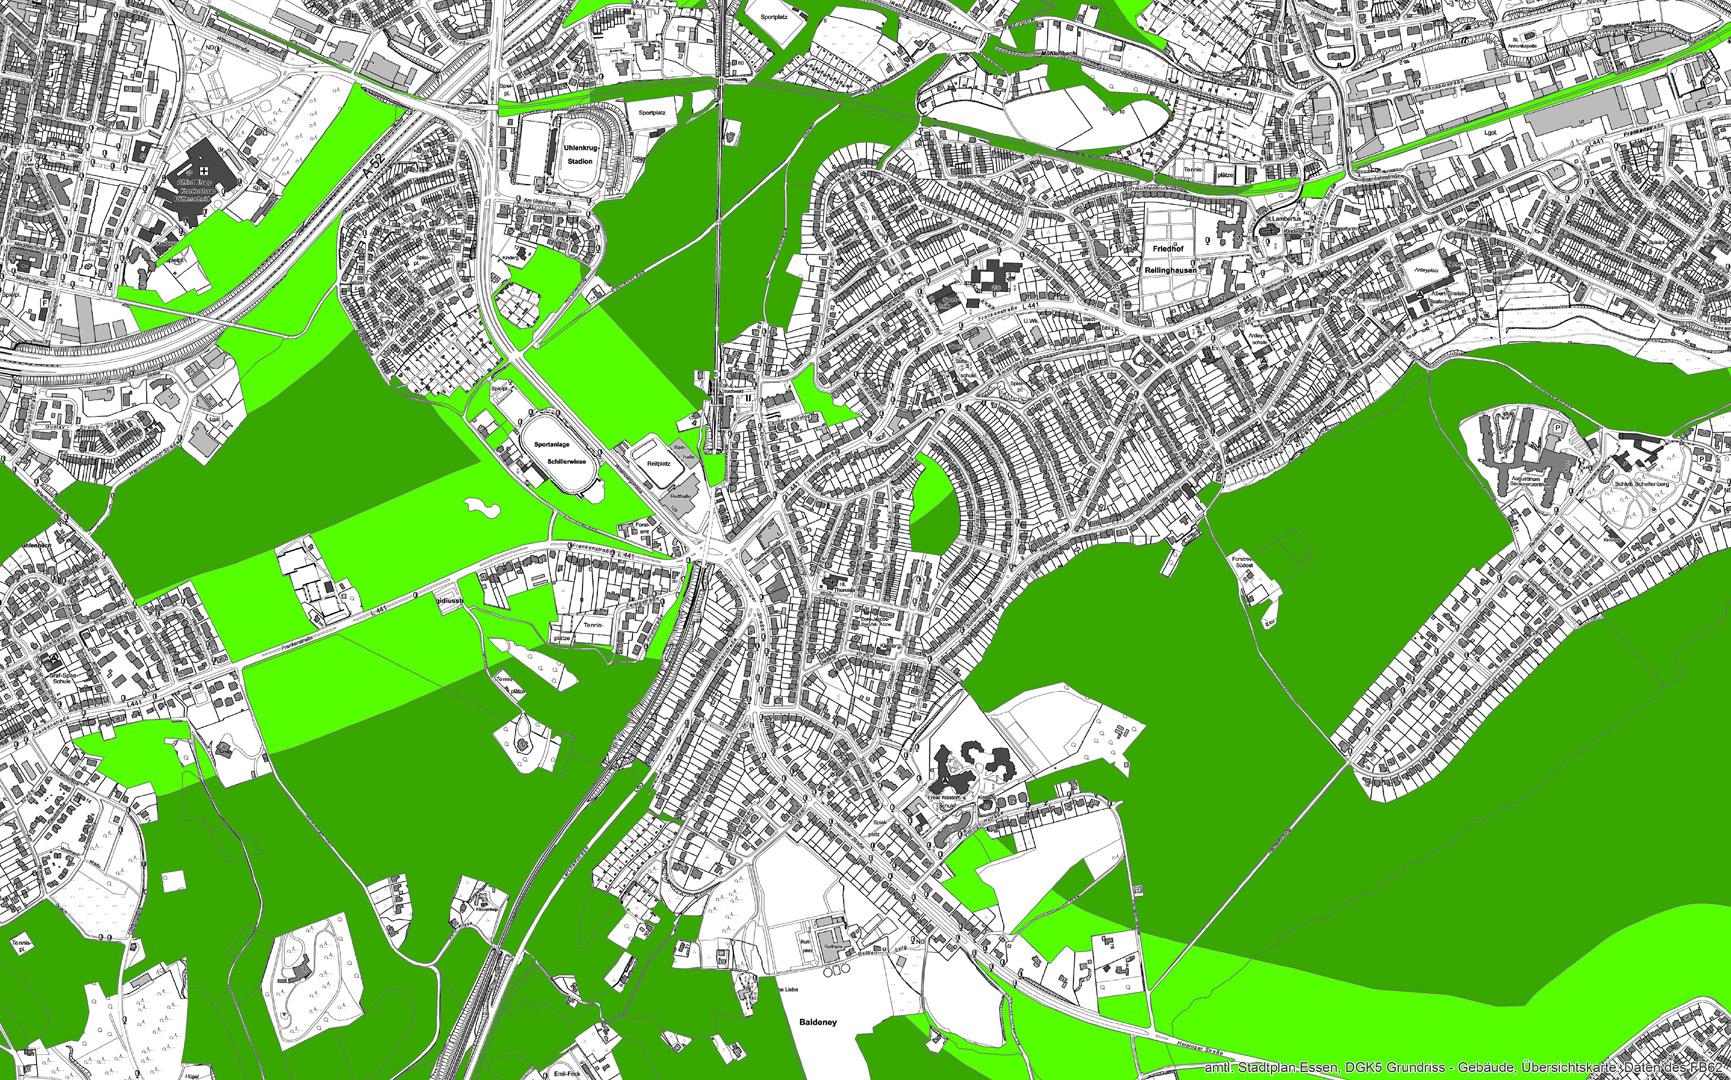 beispielhafte kartografische Darstellung der Ökosystemleistung Schadstofffilterpotential des Essener Waldes